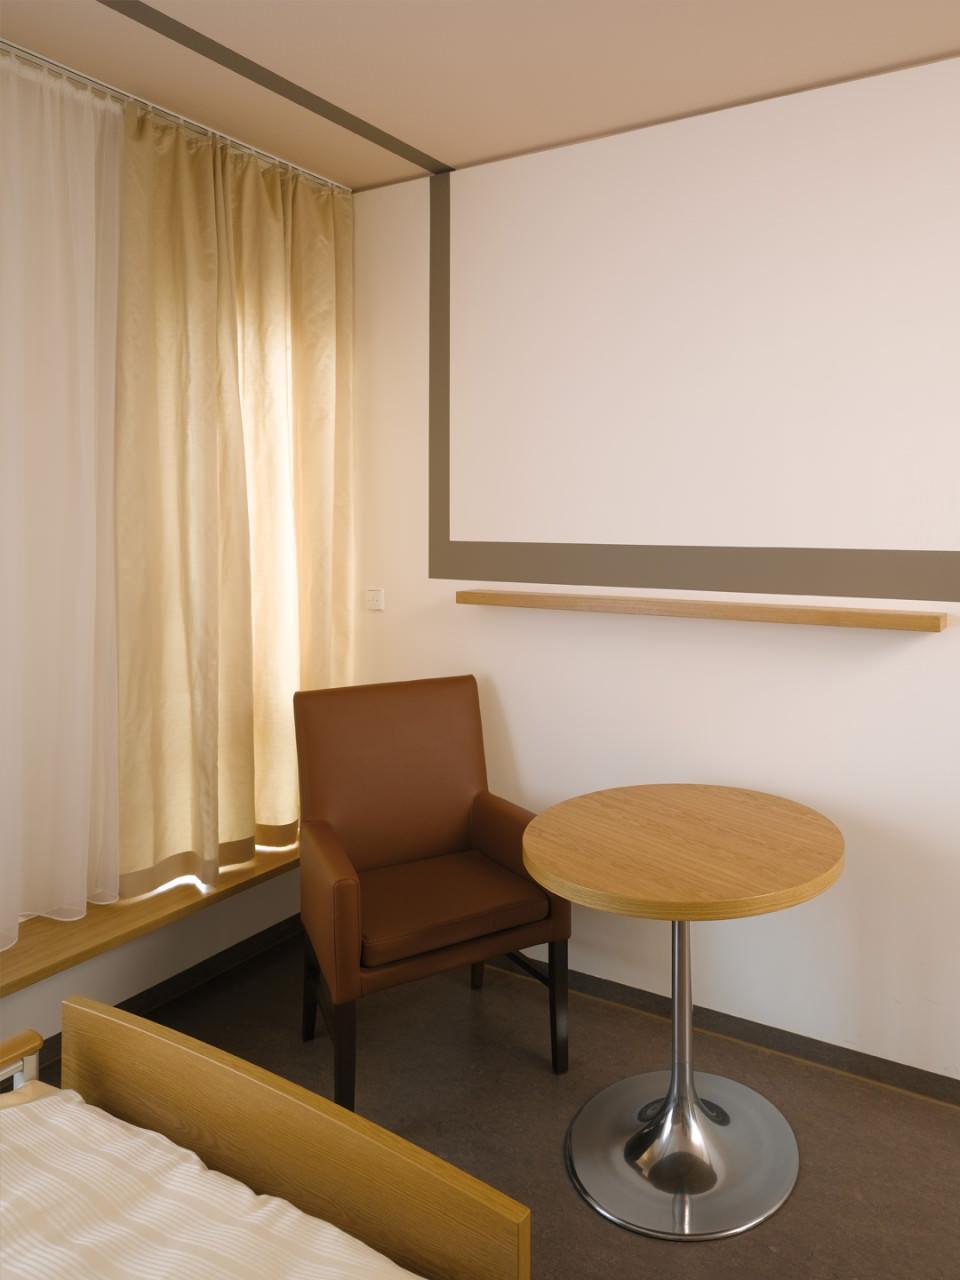 Malerarbeiten Pflegeheim Schorndorf